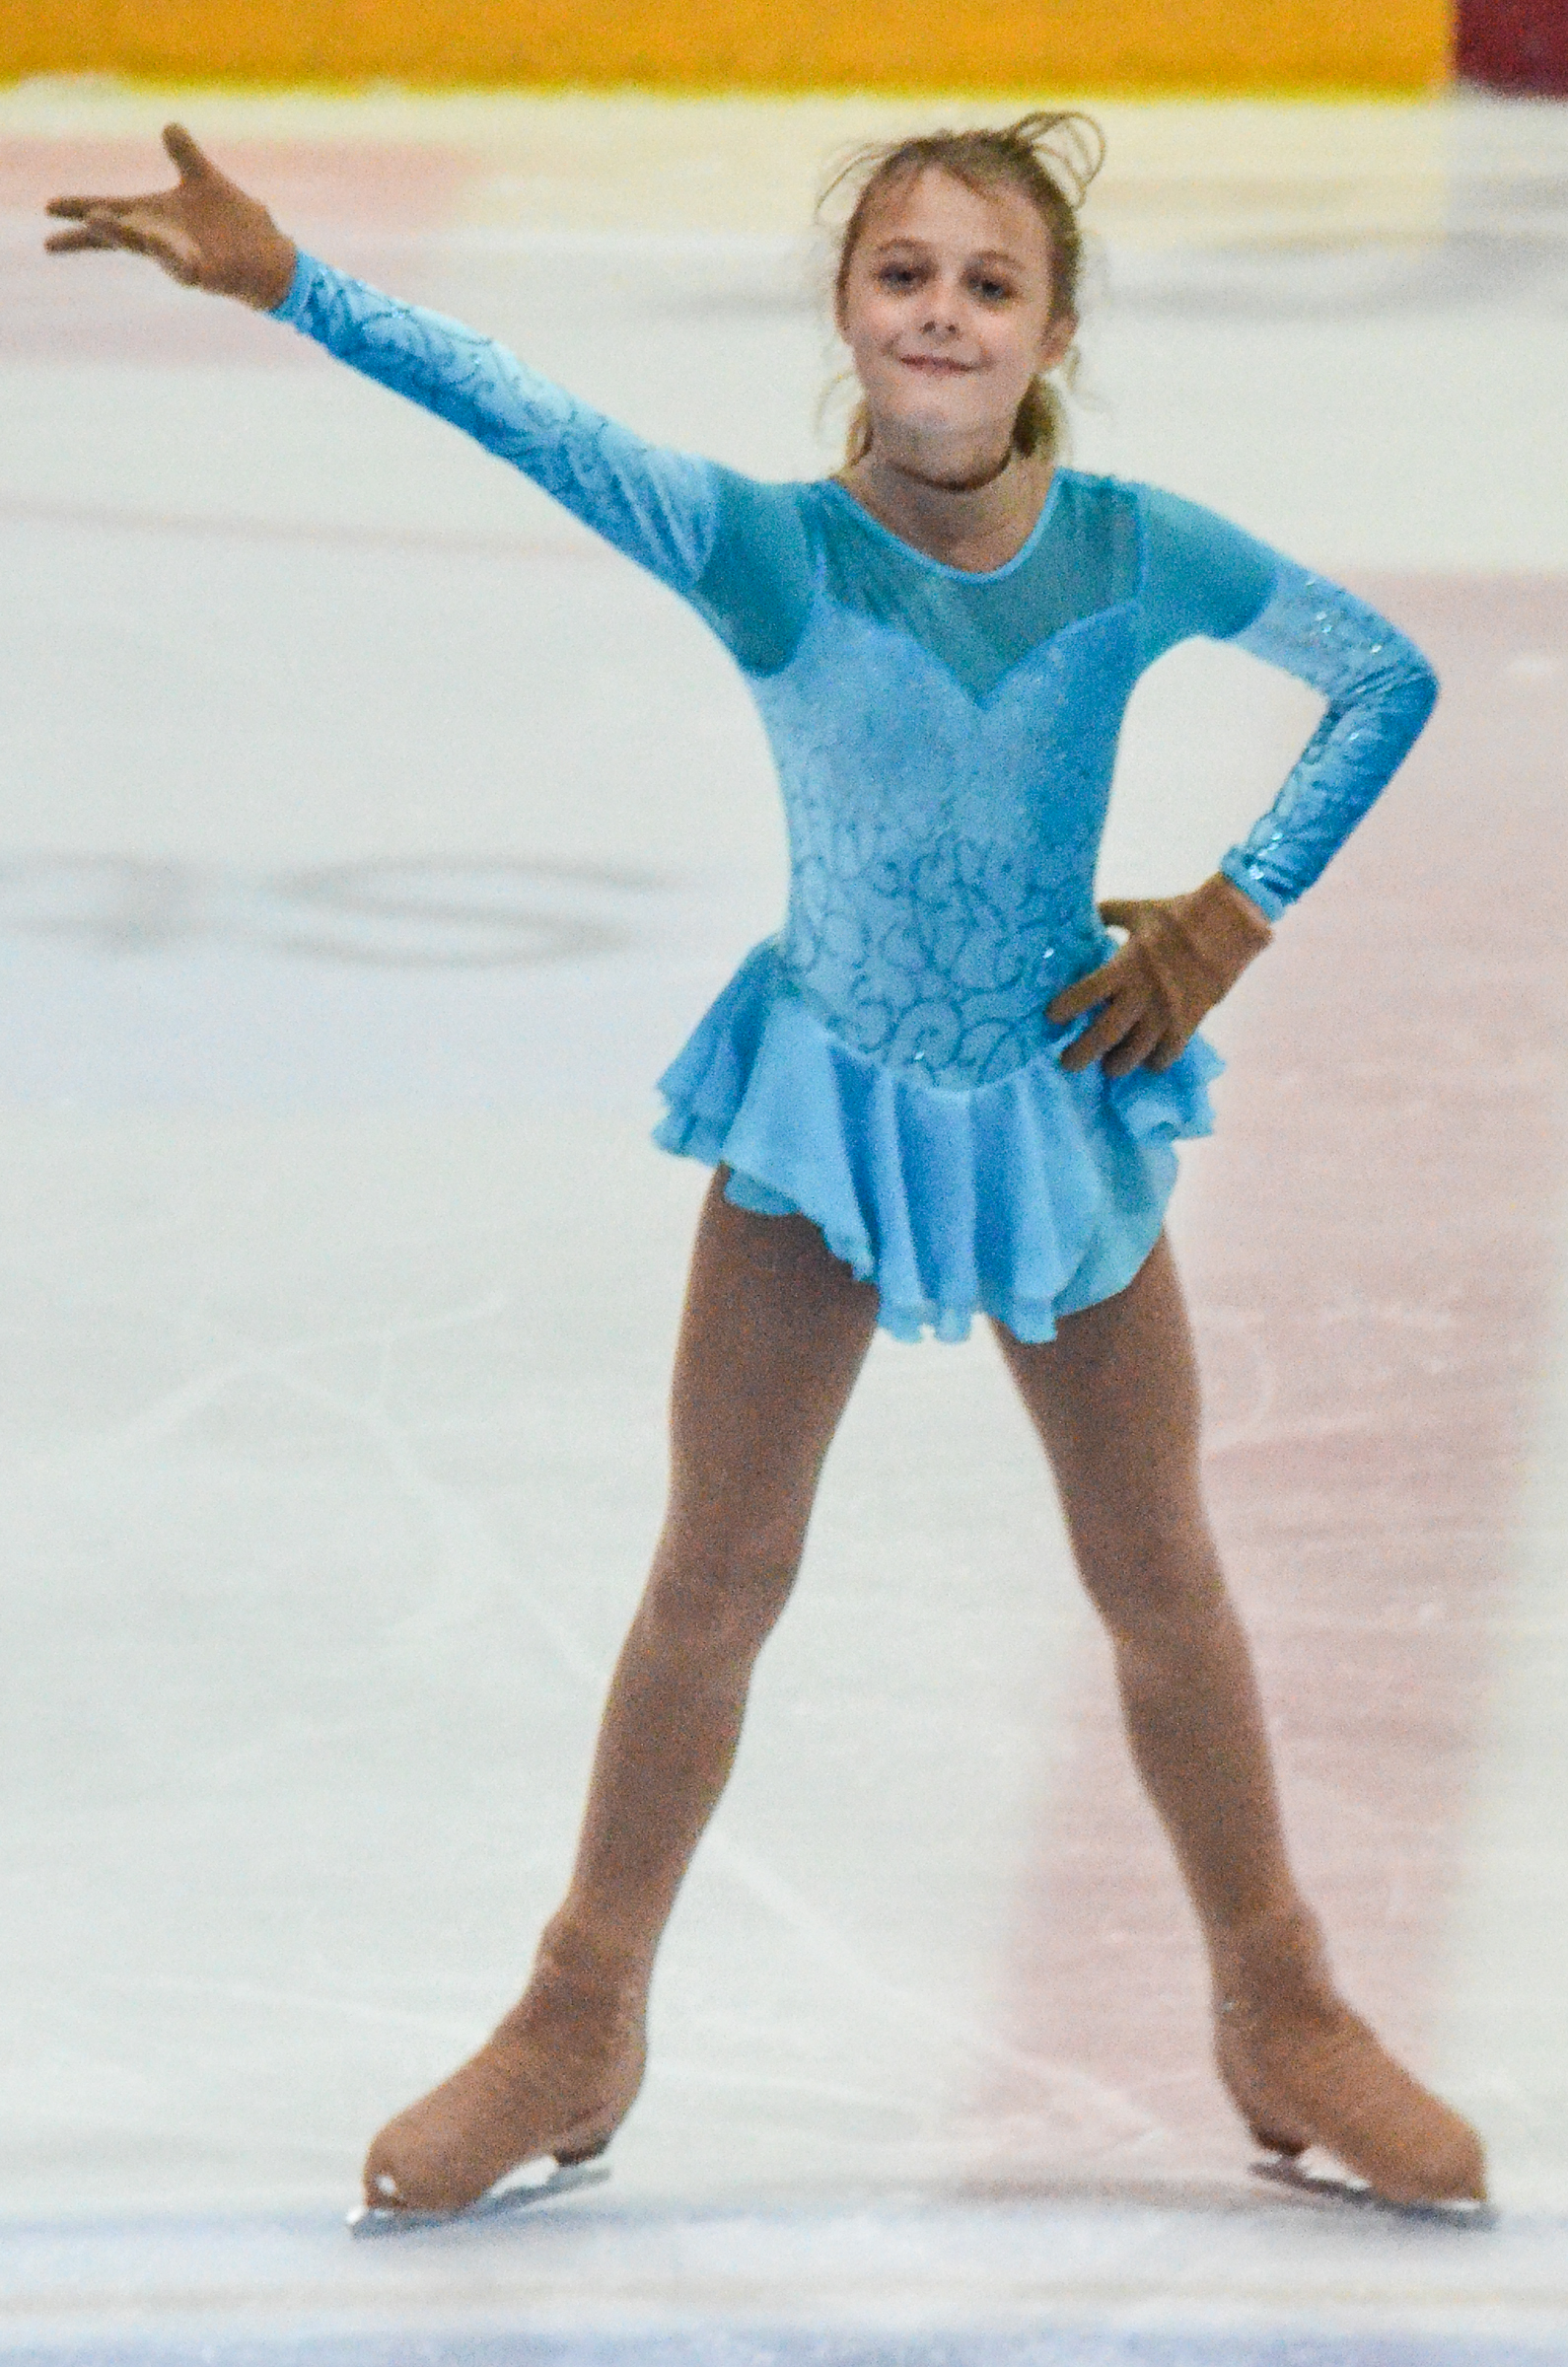 Nicole Seifert